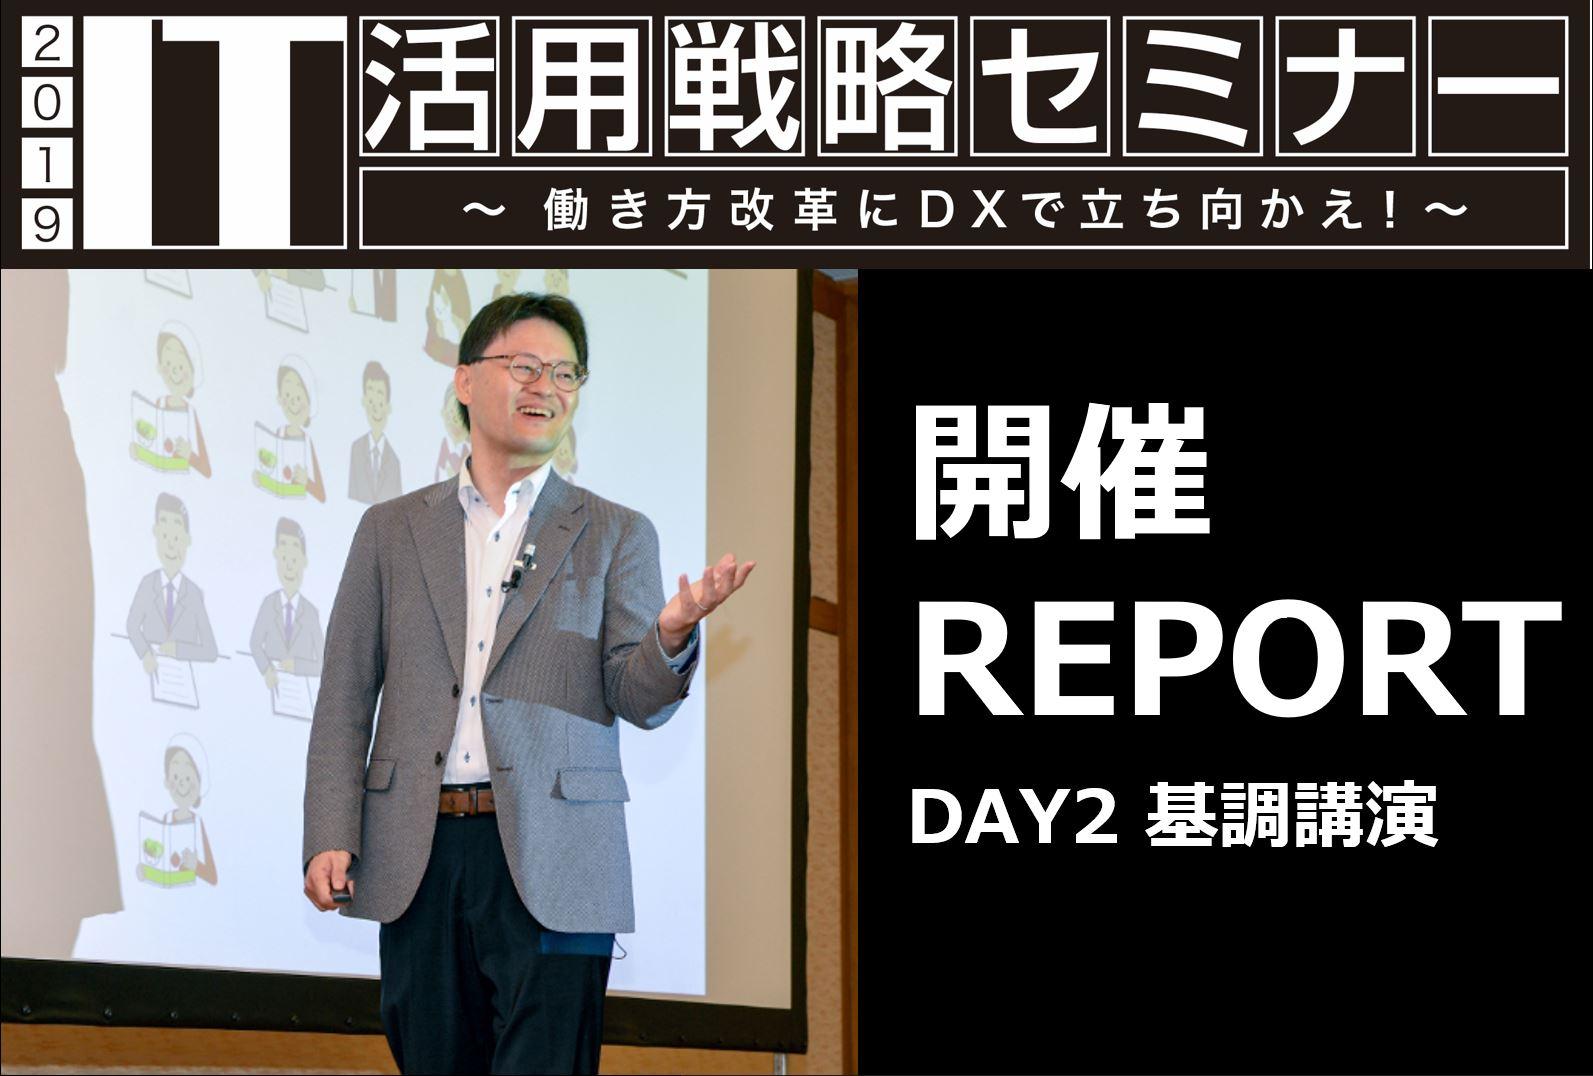 IT活用戦略セミナー2019 DAY2 基調講演レポート|船井総合研究所 チーフ経営コンサルタント 長島 淳治 様